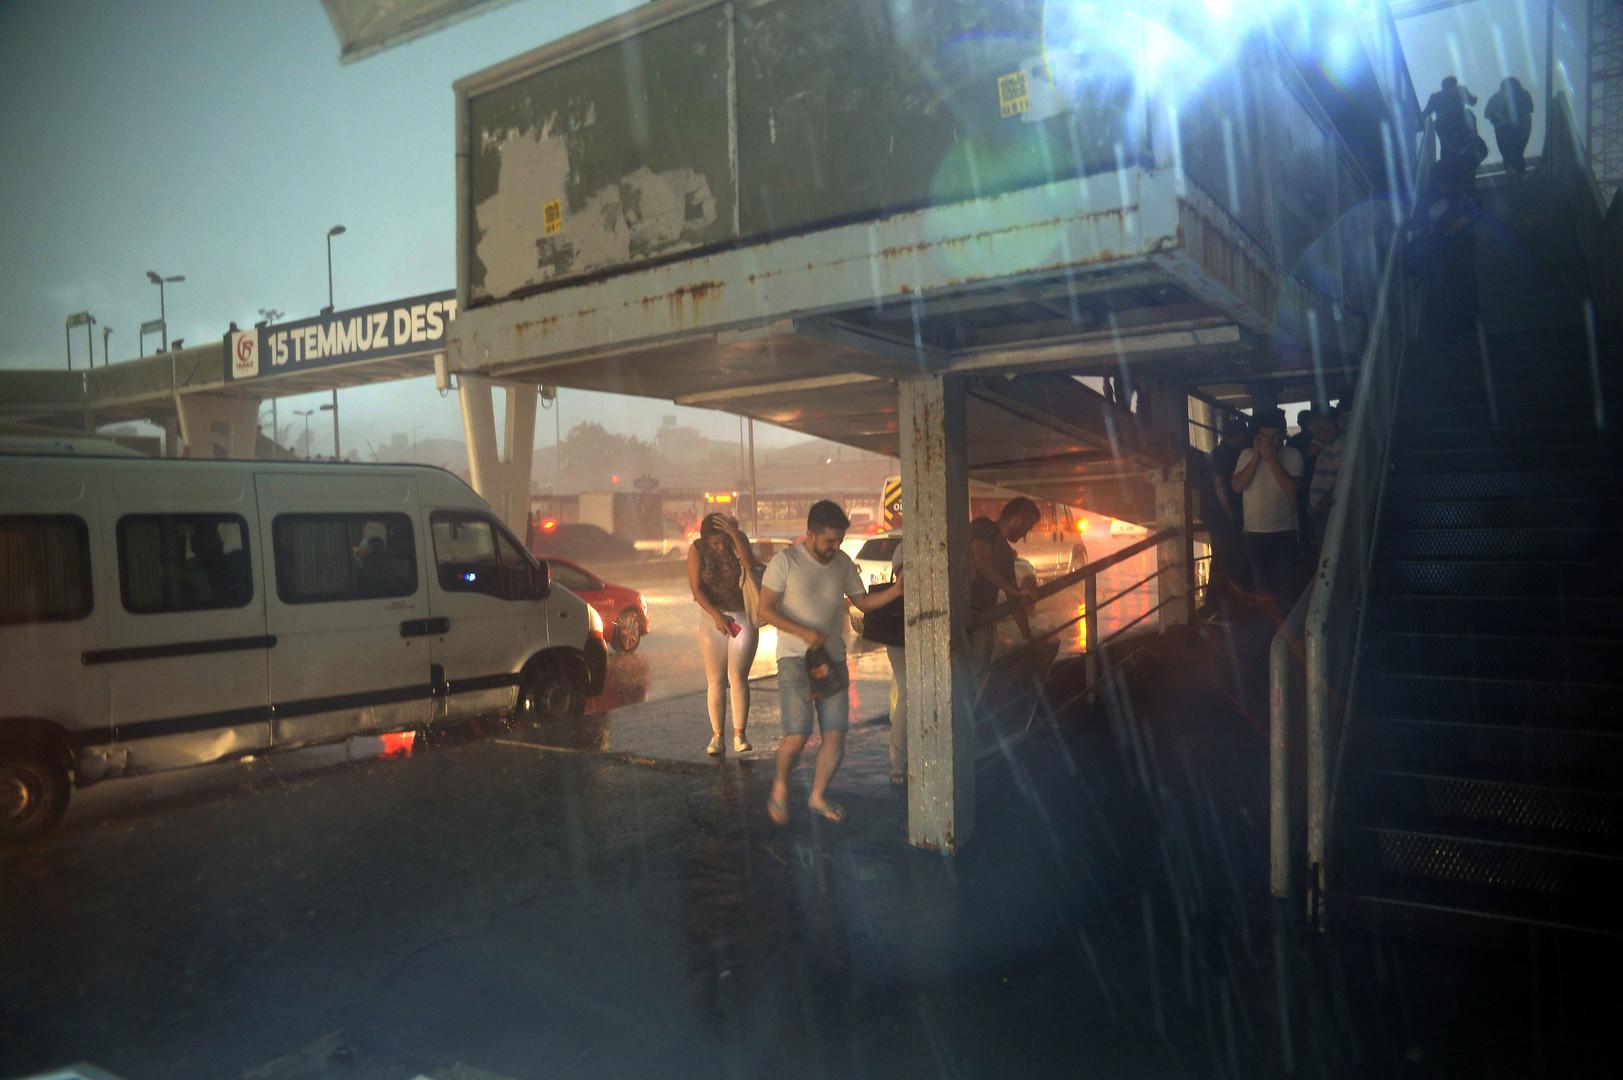 Verletzte und Hagelschäden nach heftigem Unwetter in Istanbul [VIDEO, FOTO]